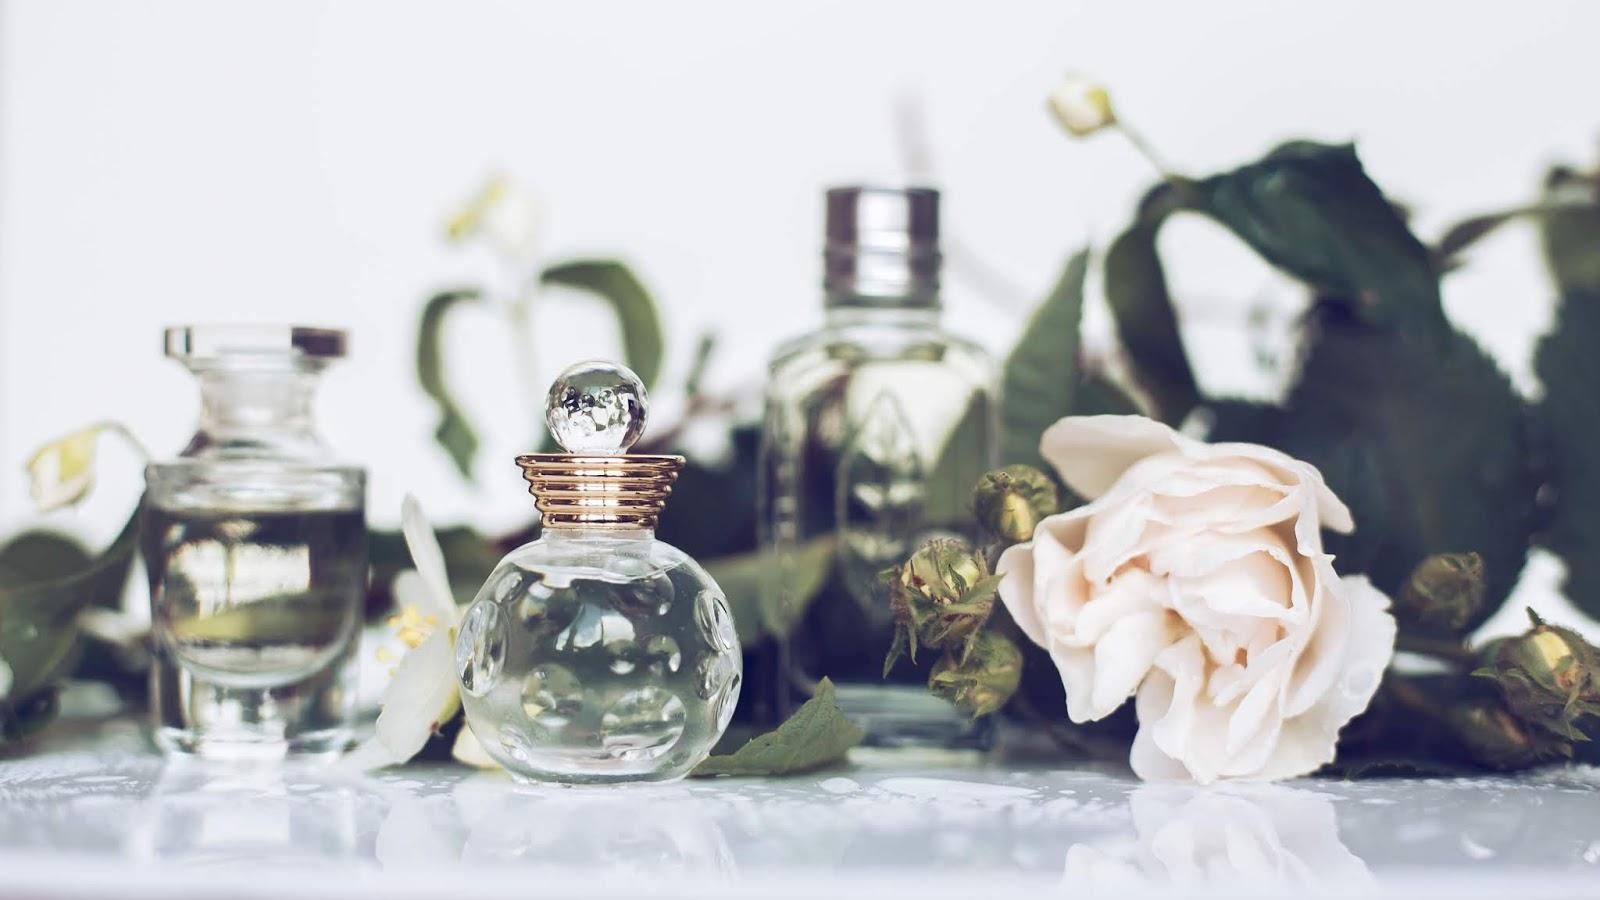 Naturalnie pachnące perfumy dostępne w perfumeriach Douglas